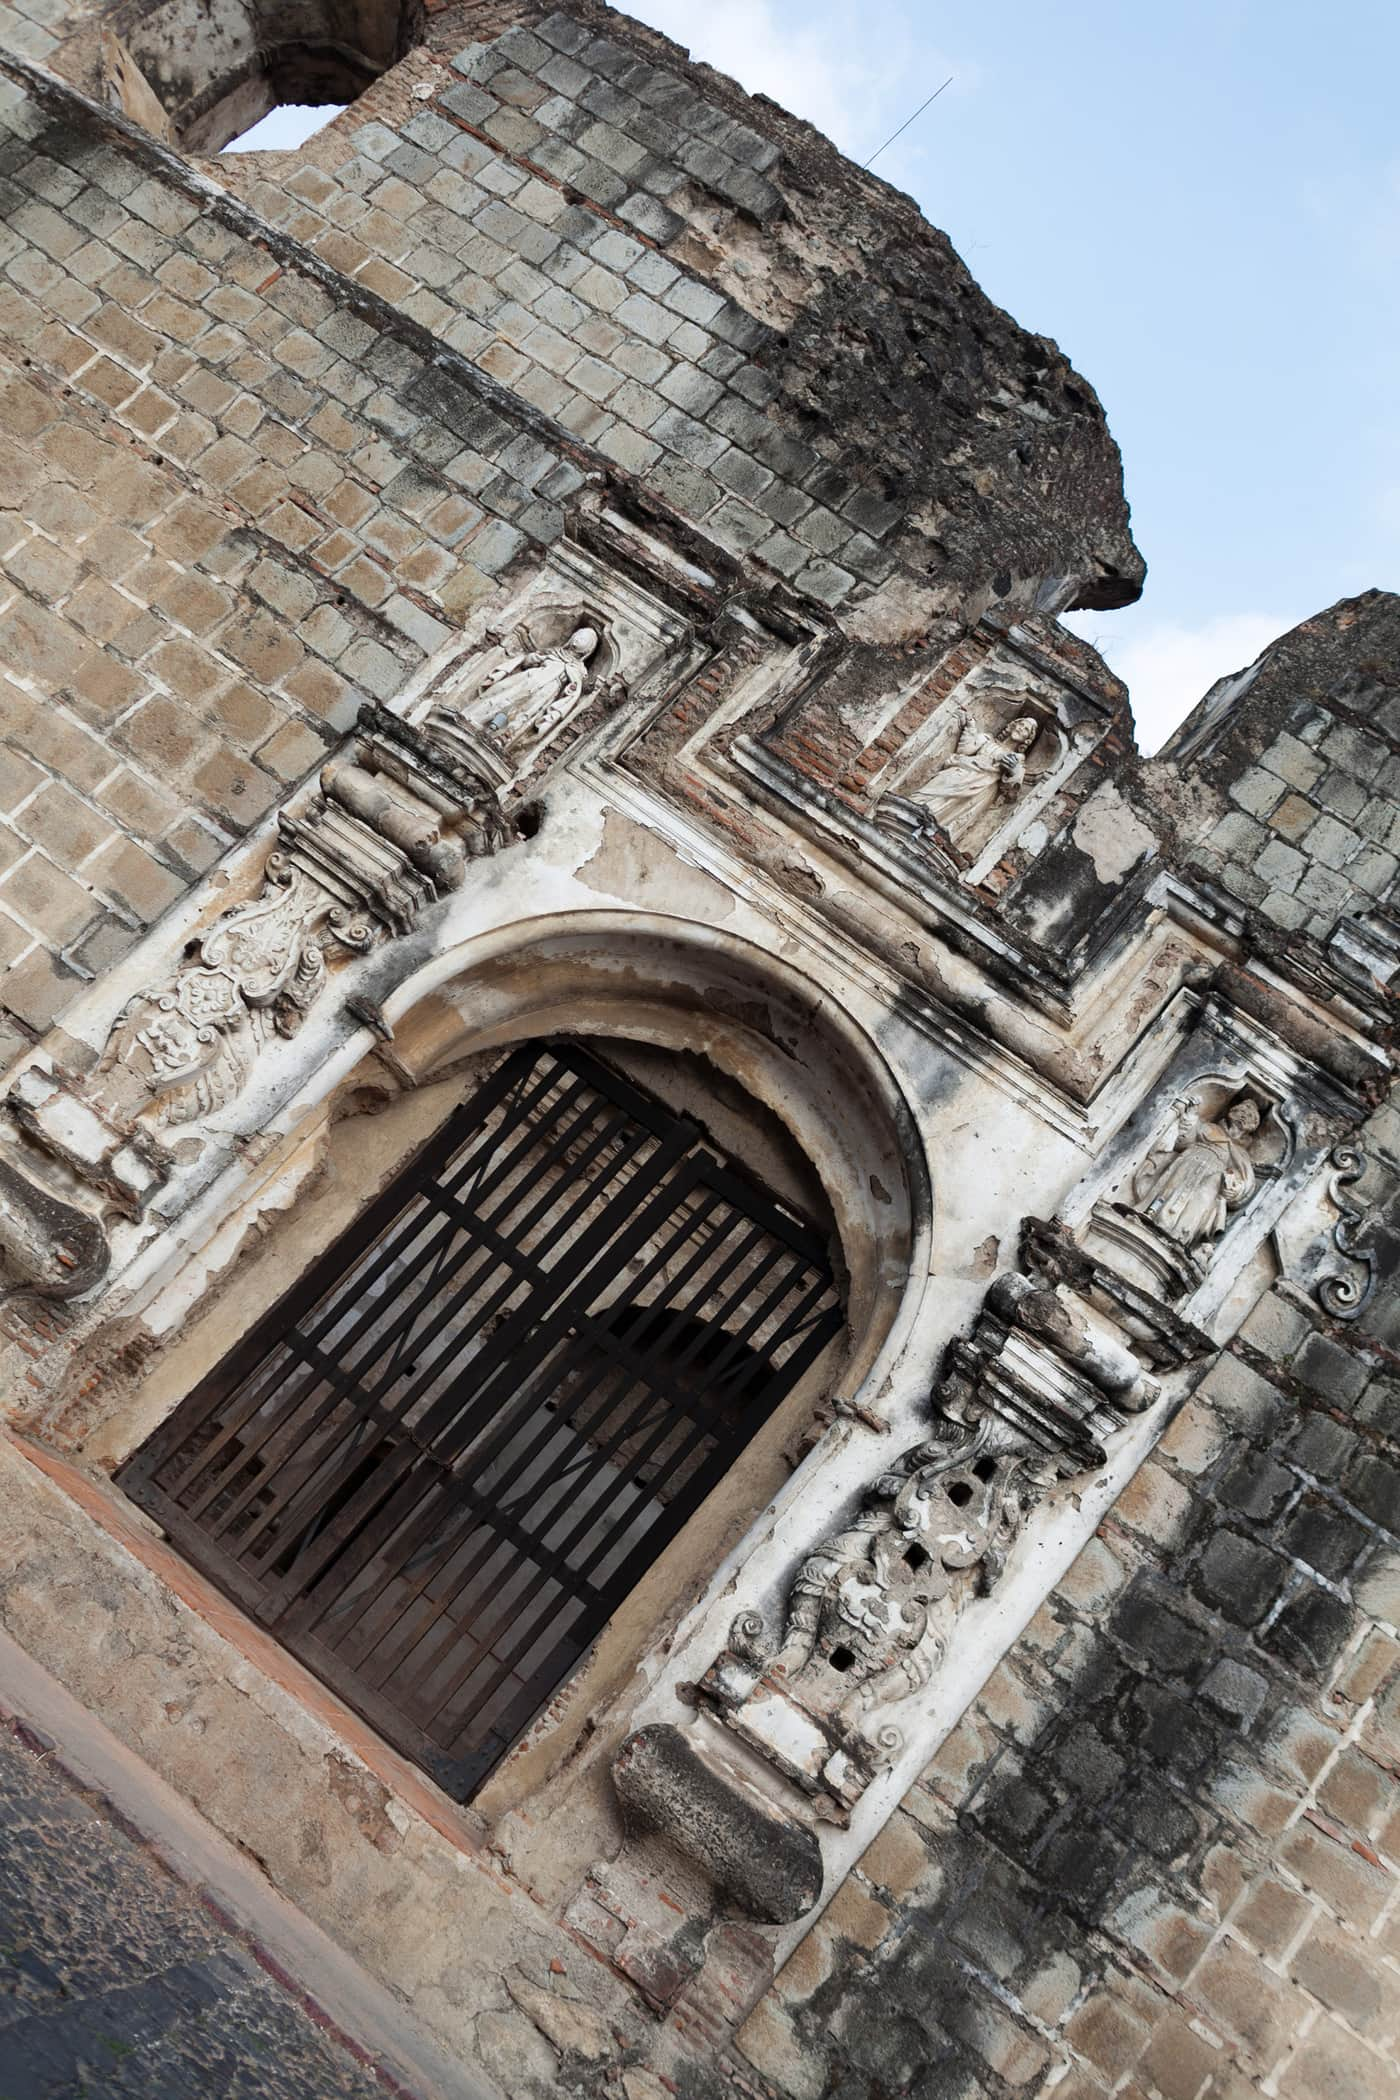 Iglesia y Convento de Santa Clara in Antigua, Guatemala.